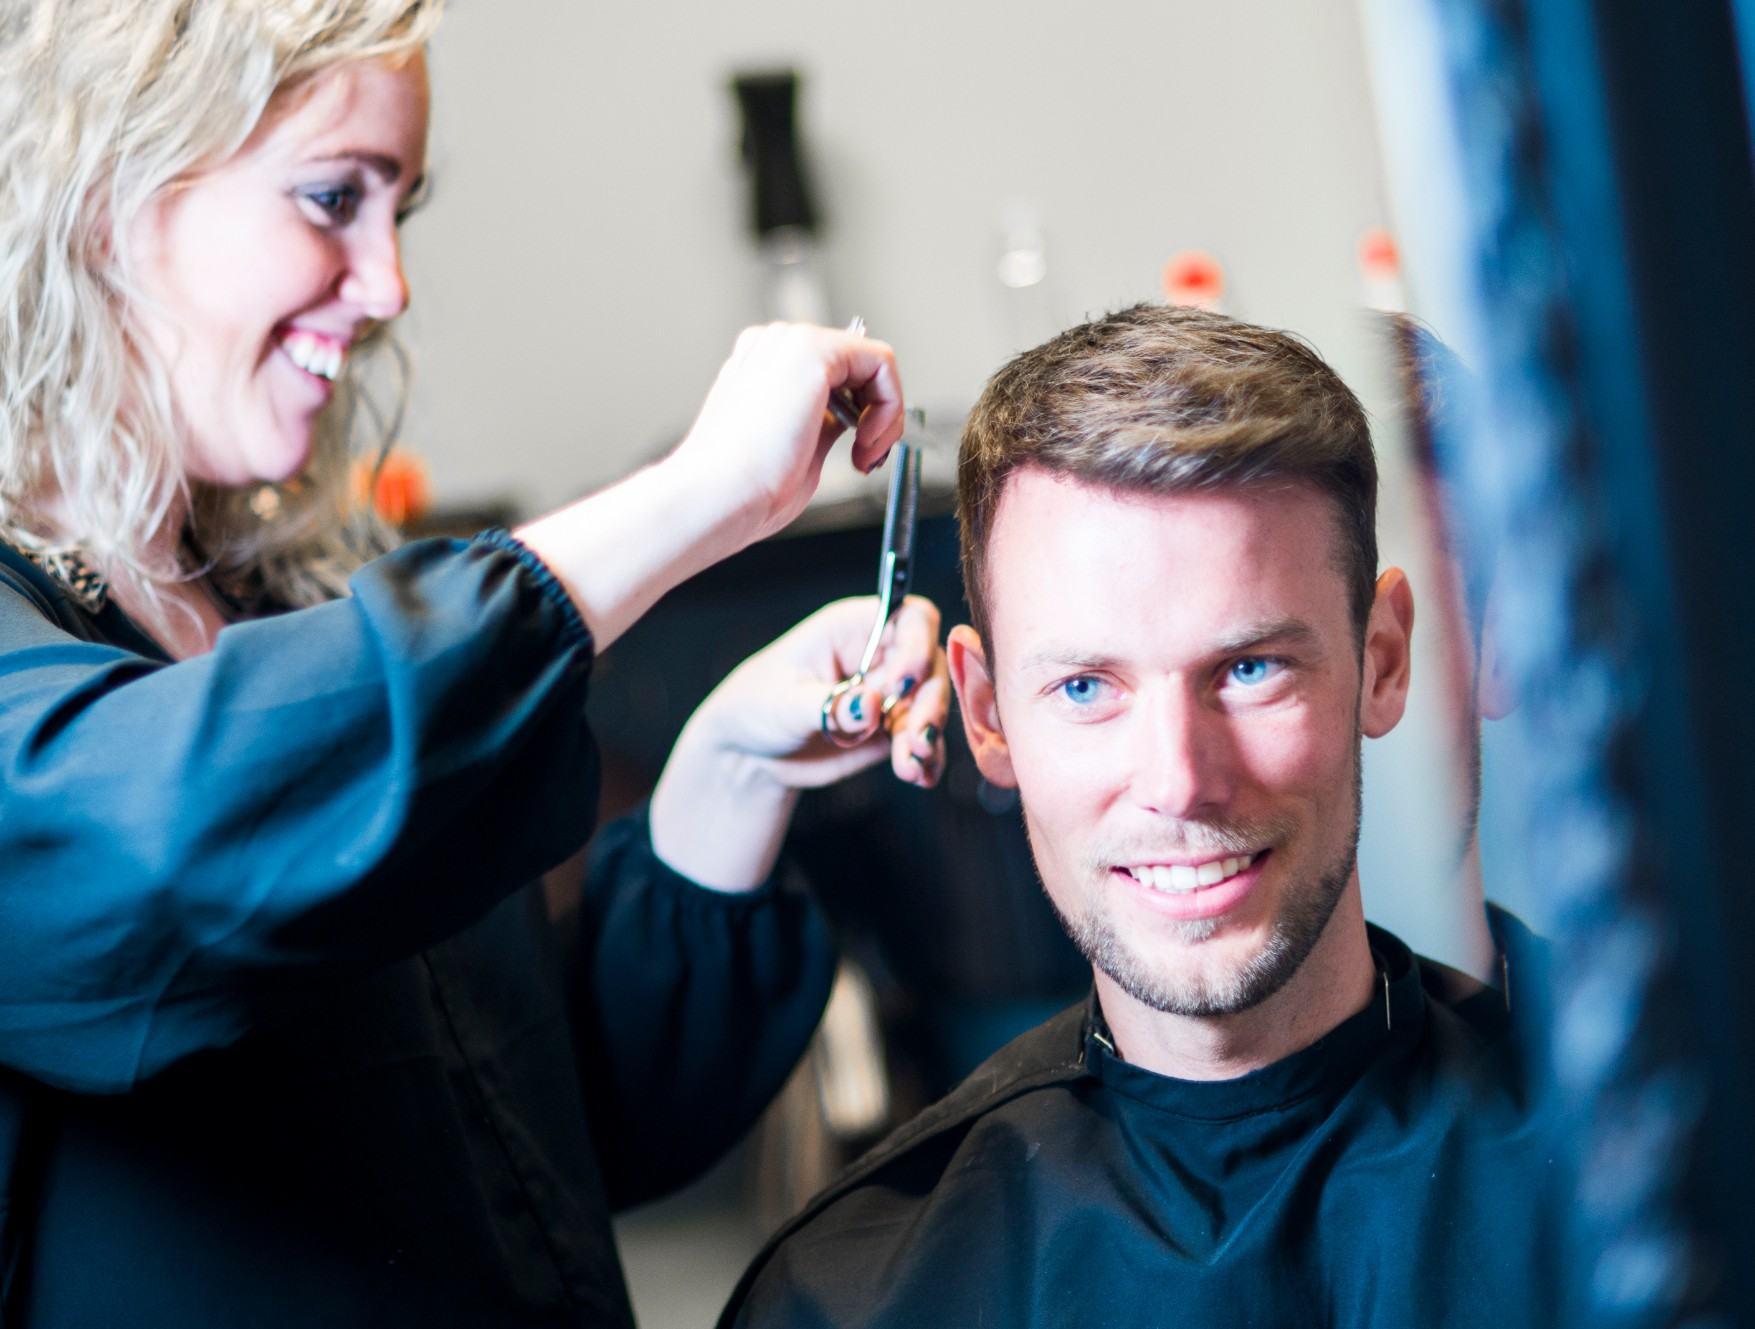 Glenn sitter i frisørstol og smiler. Det står en smilende frisør og klipper han.